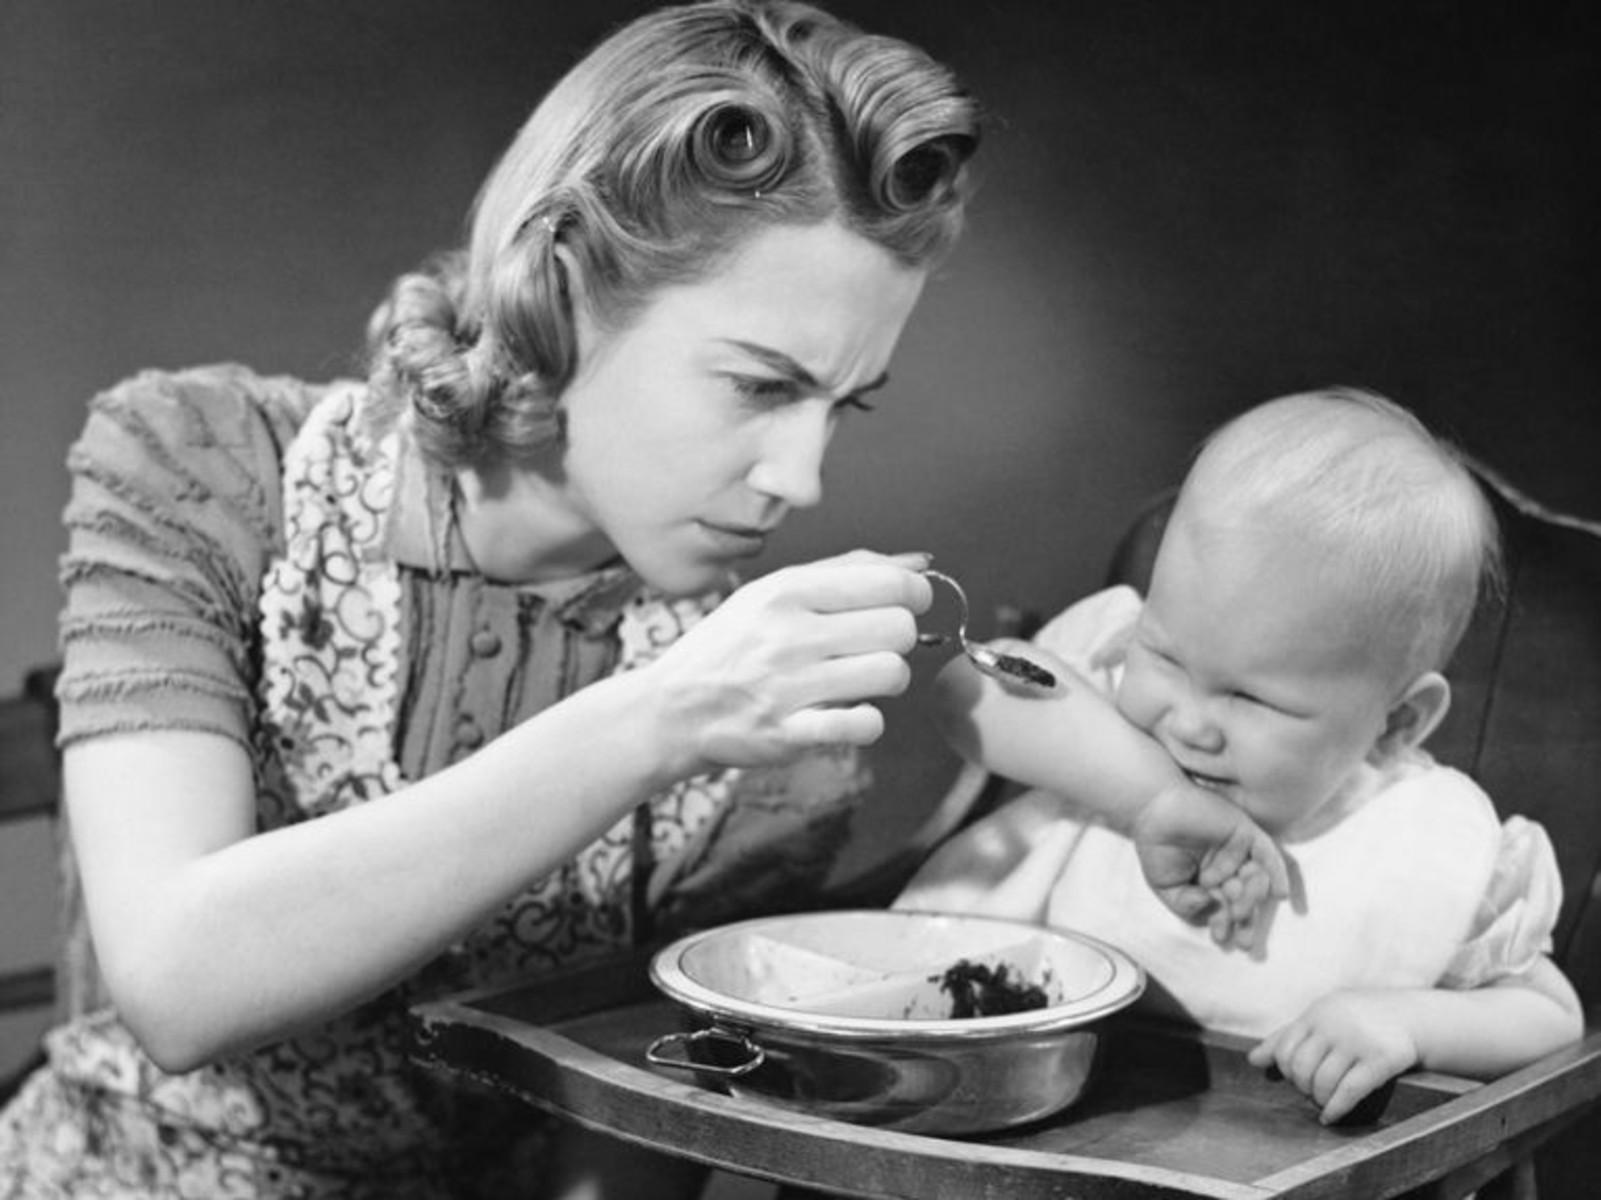 Διαπαιδαγώγηση παιδιού: Τότε και τώρα